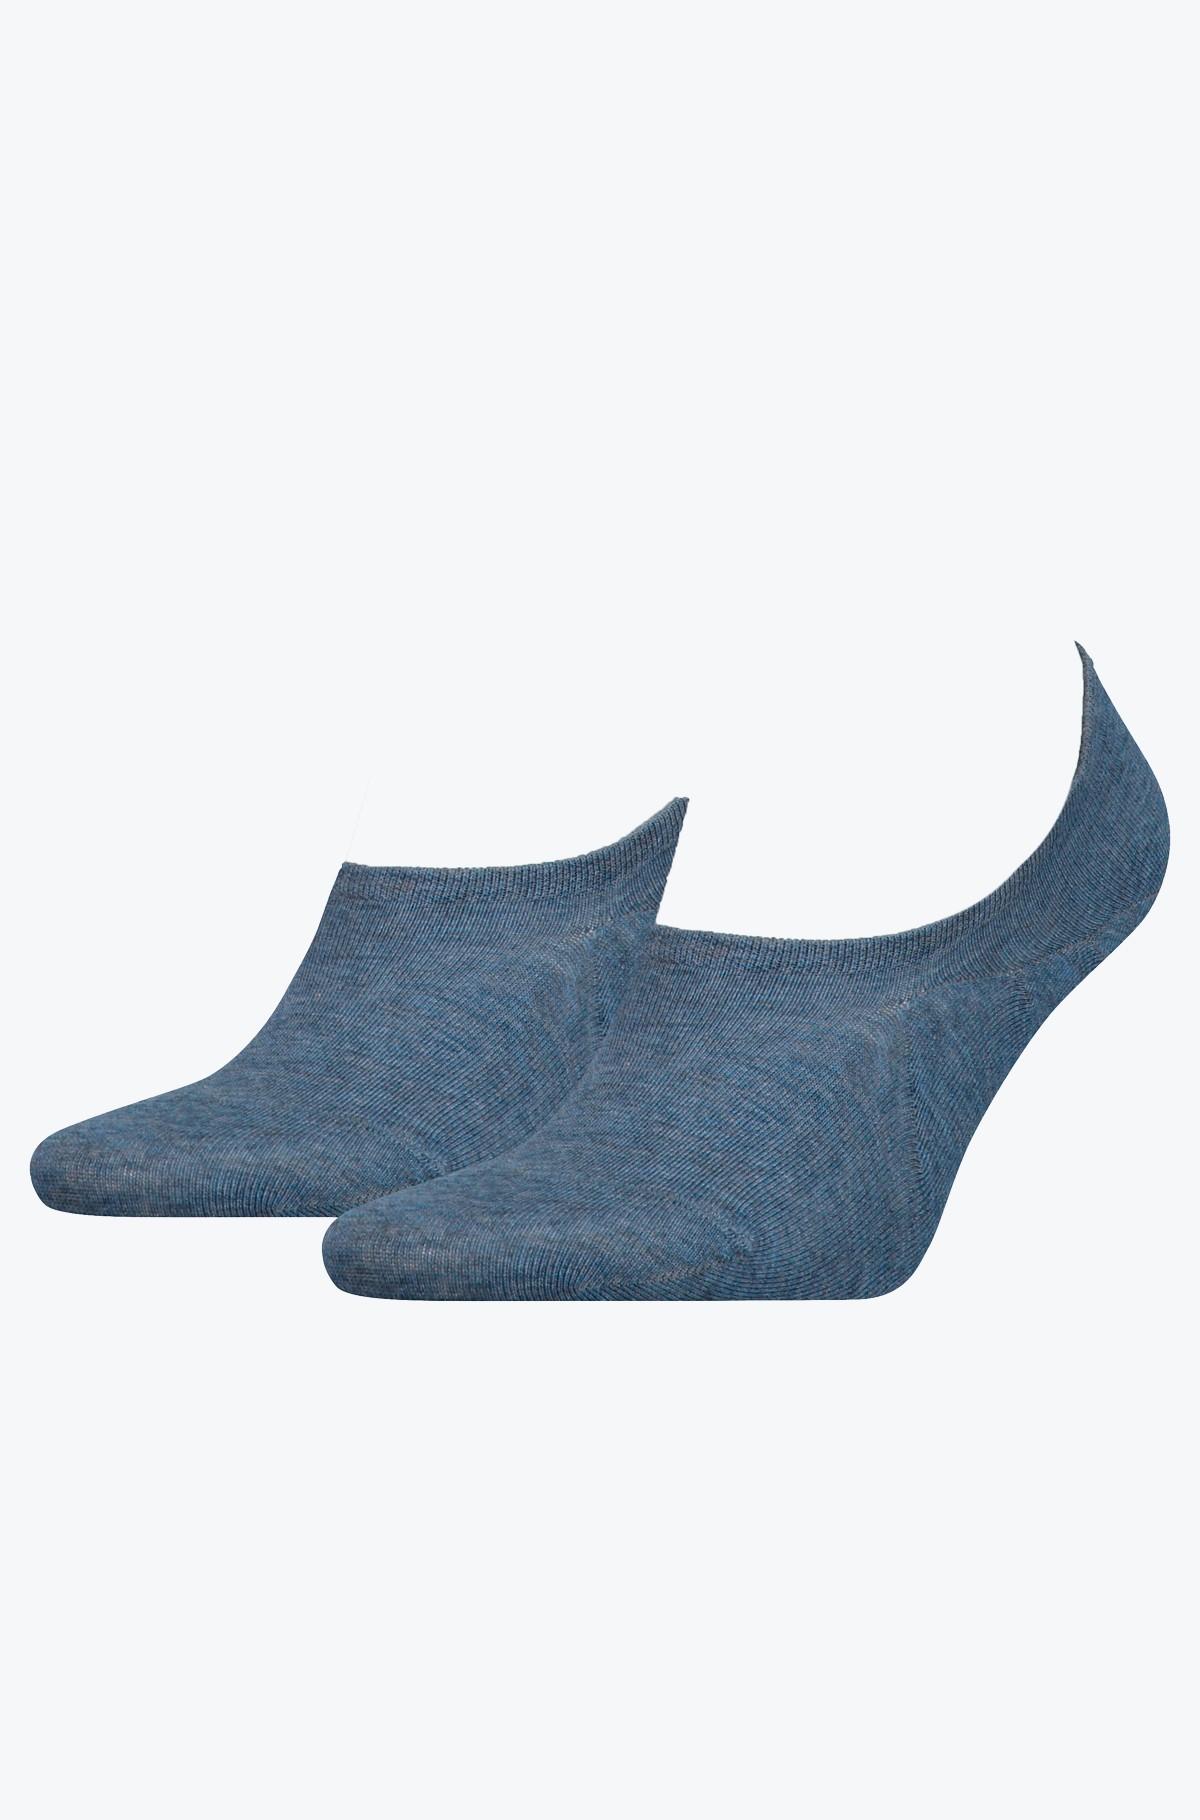 Socks 382024001-full-1